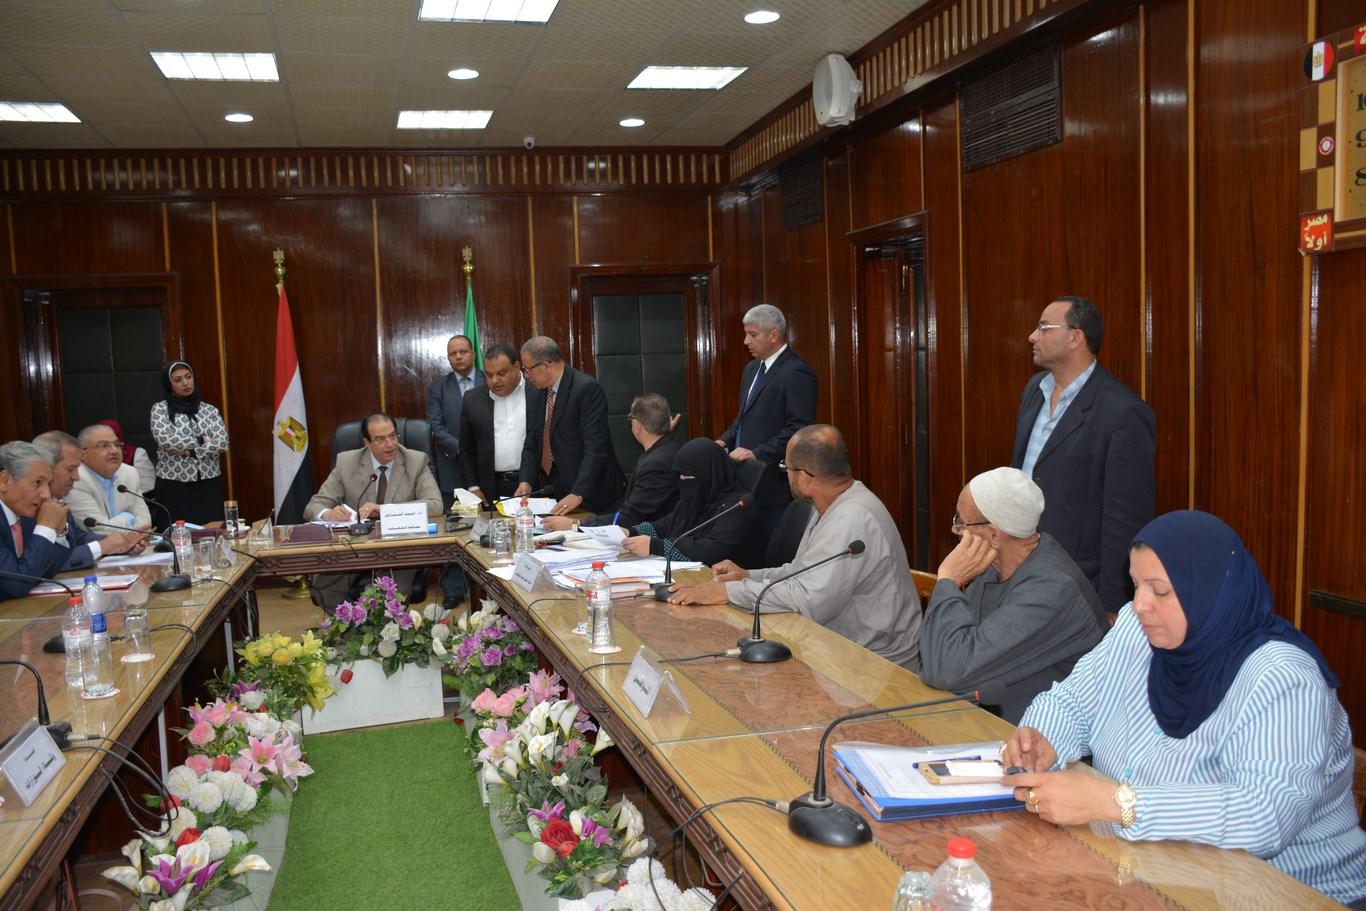 لقاء المحافظ بأعضاء الجهاز التنفيذي بالمحافظة (10)